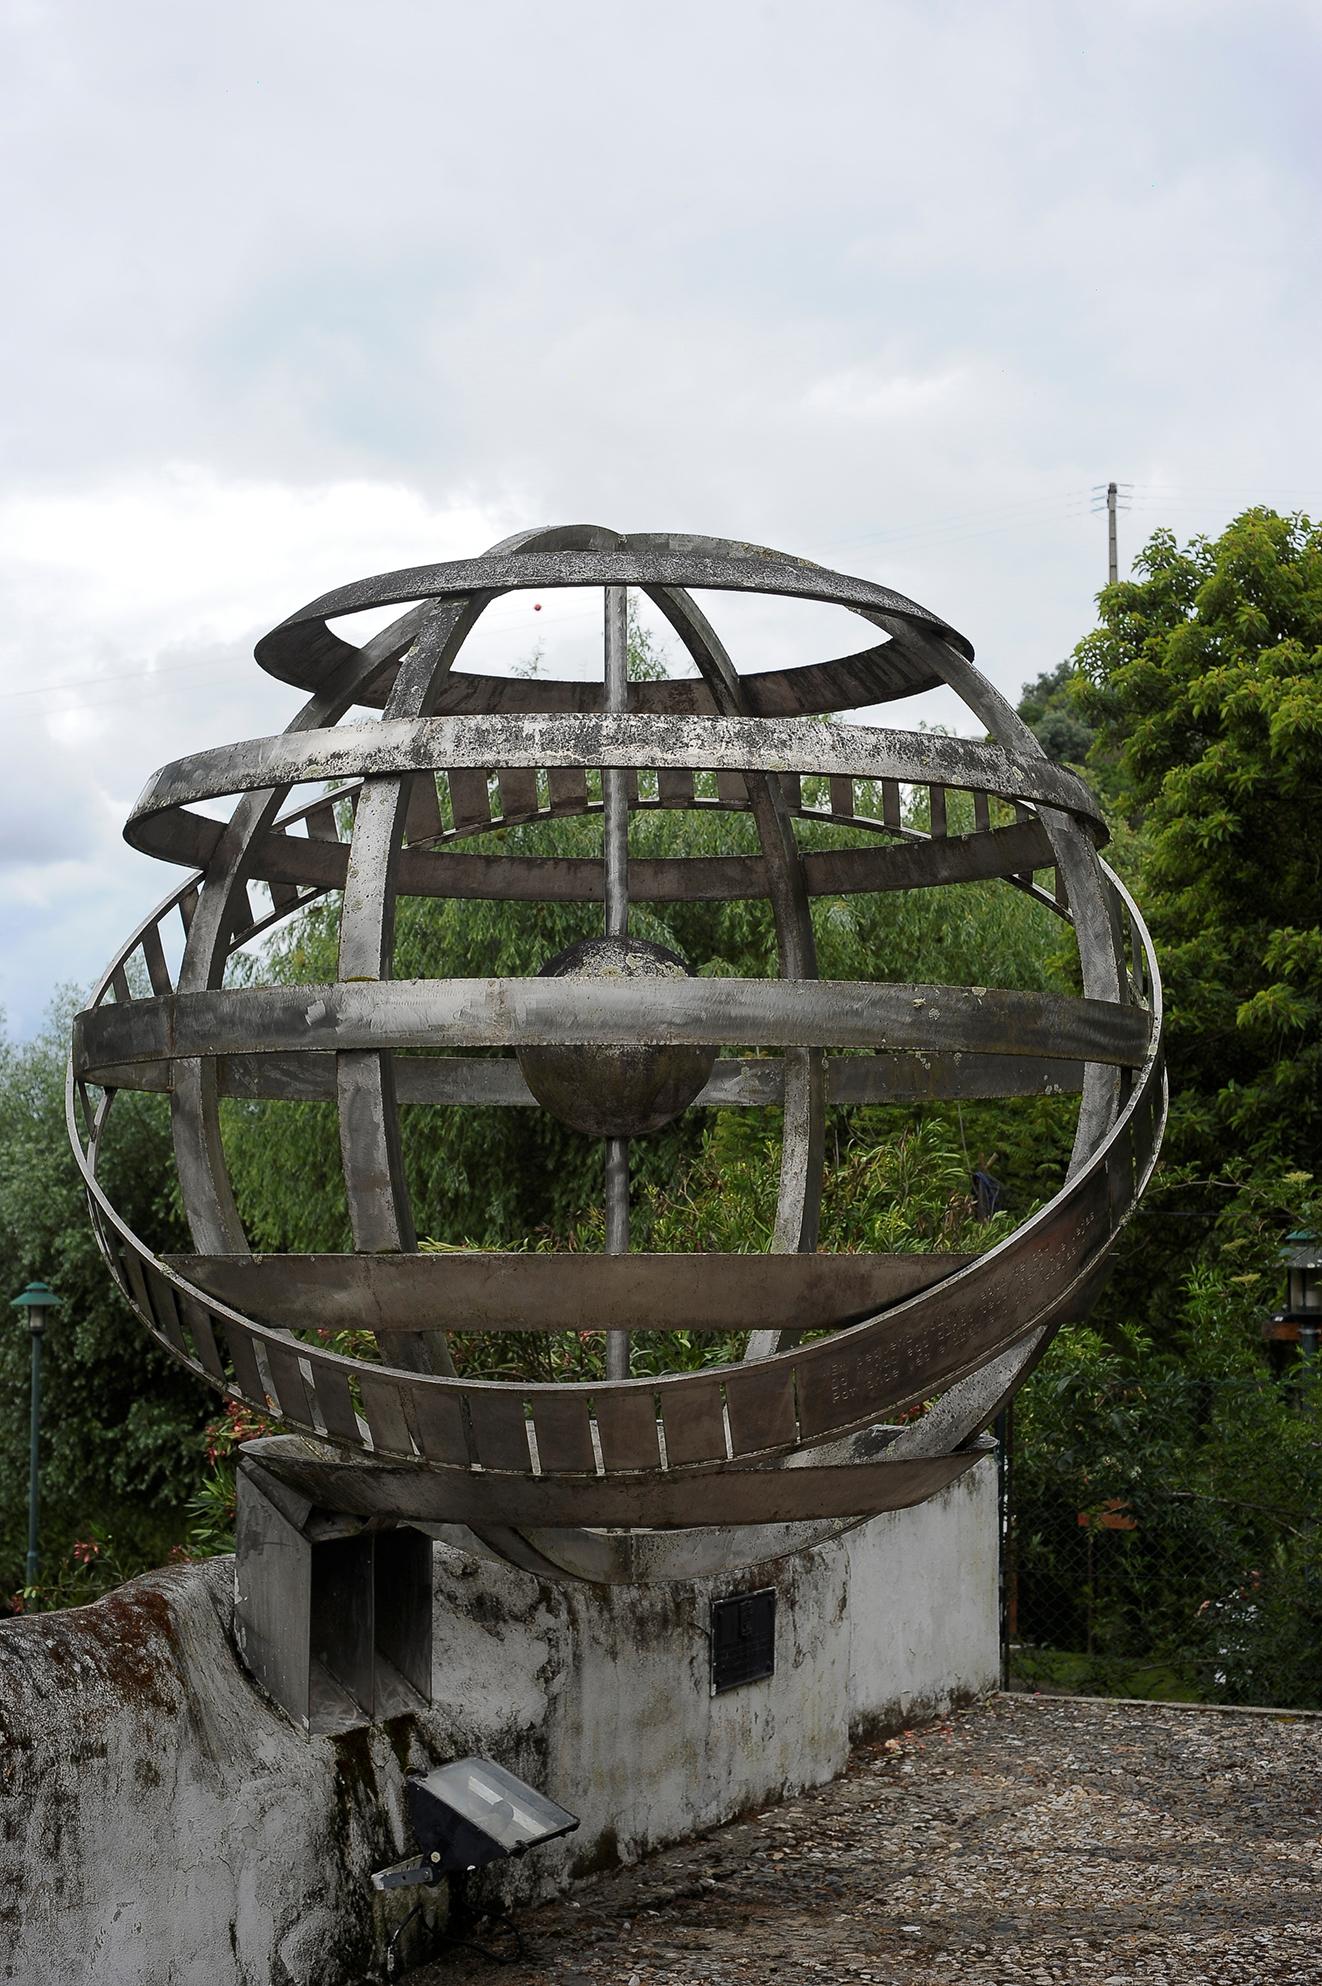 A maior esfera armilar existente em Portugal, pesa meia tonelada, oferecida pela Faculdade de Belas-Artes de Lisboa